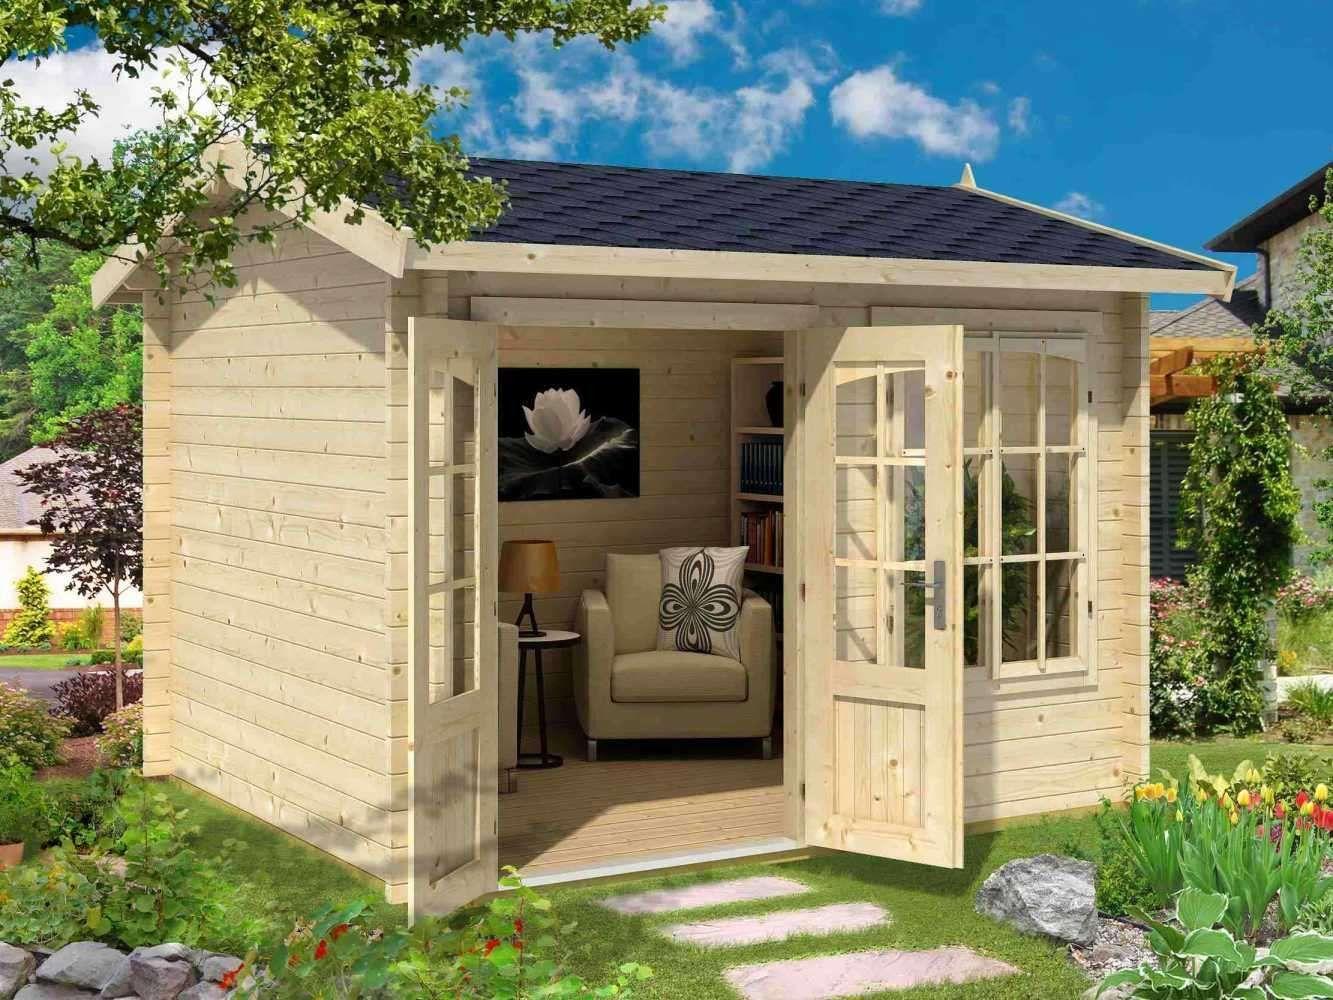 Luxus 45 Zum Gartenmobel Koln Outlet Kit Hauser Hinterhof Buro Gartenhaus